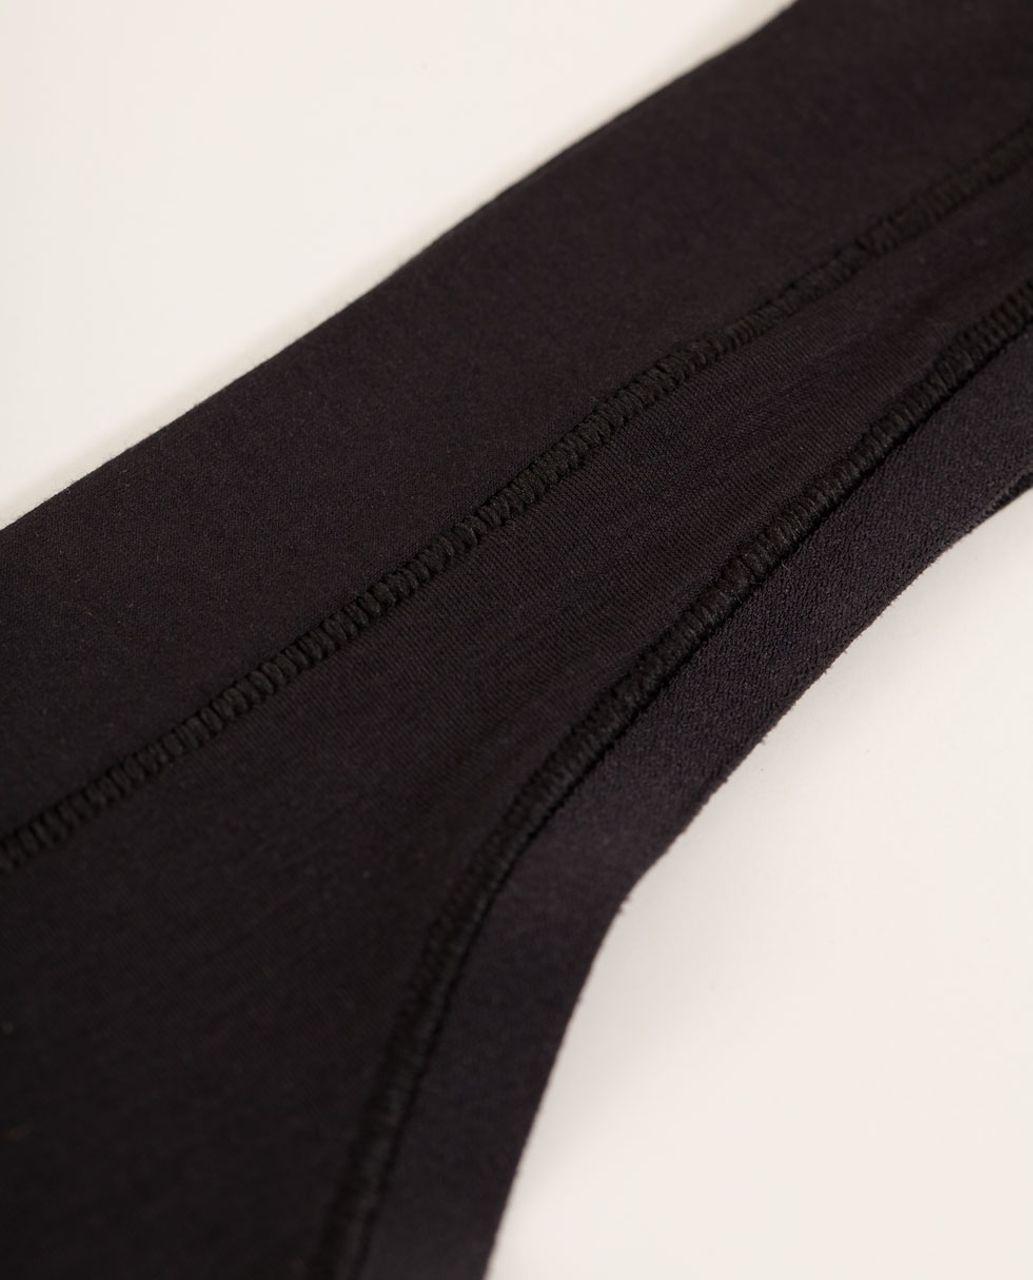 Lululemon Mula Bandhawear Thong - Black (First Release)